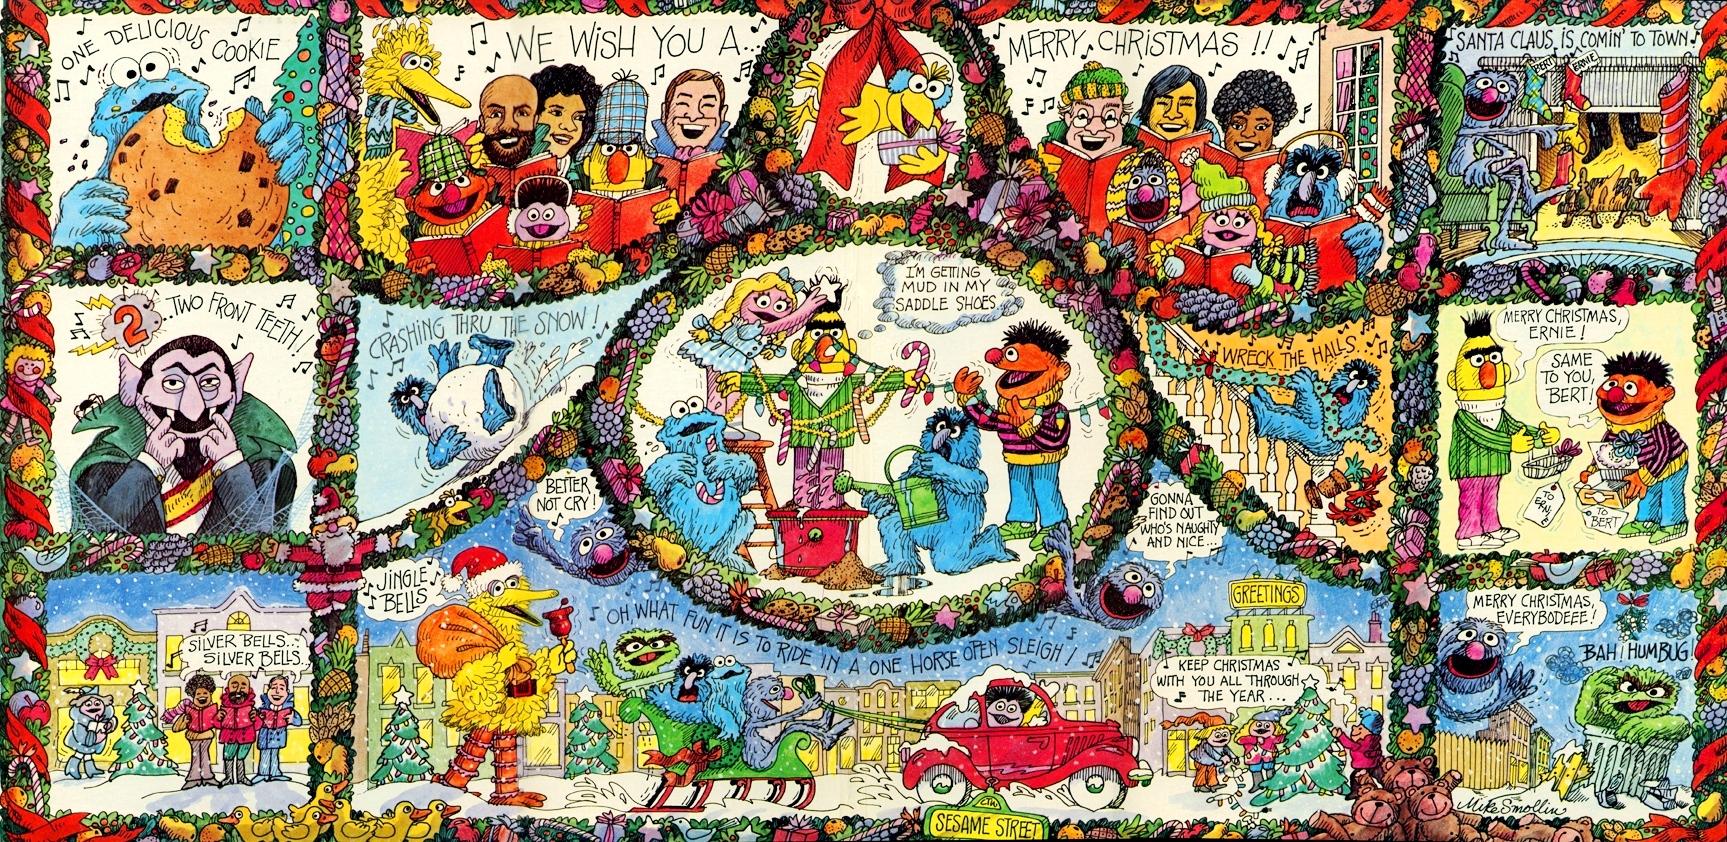 Merry Christmas Sesame Street gatefold.jpg